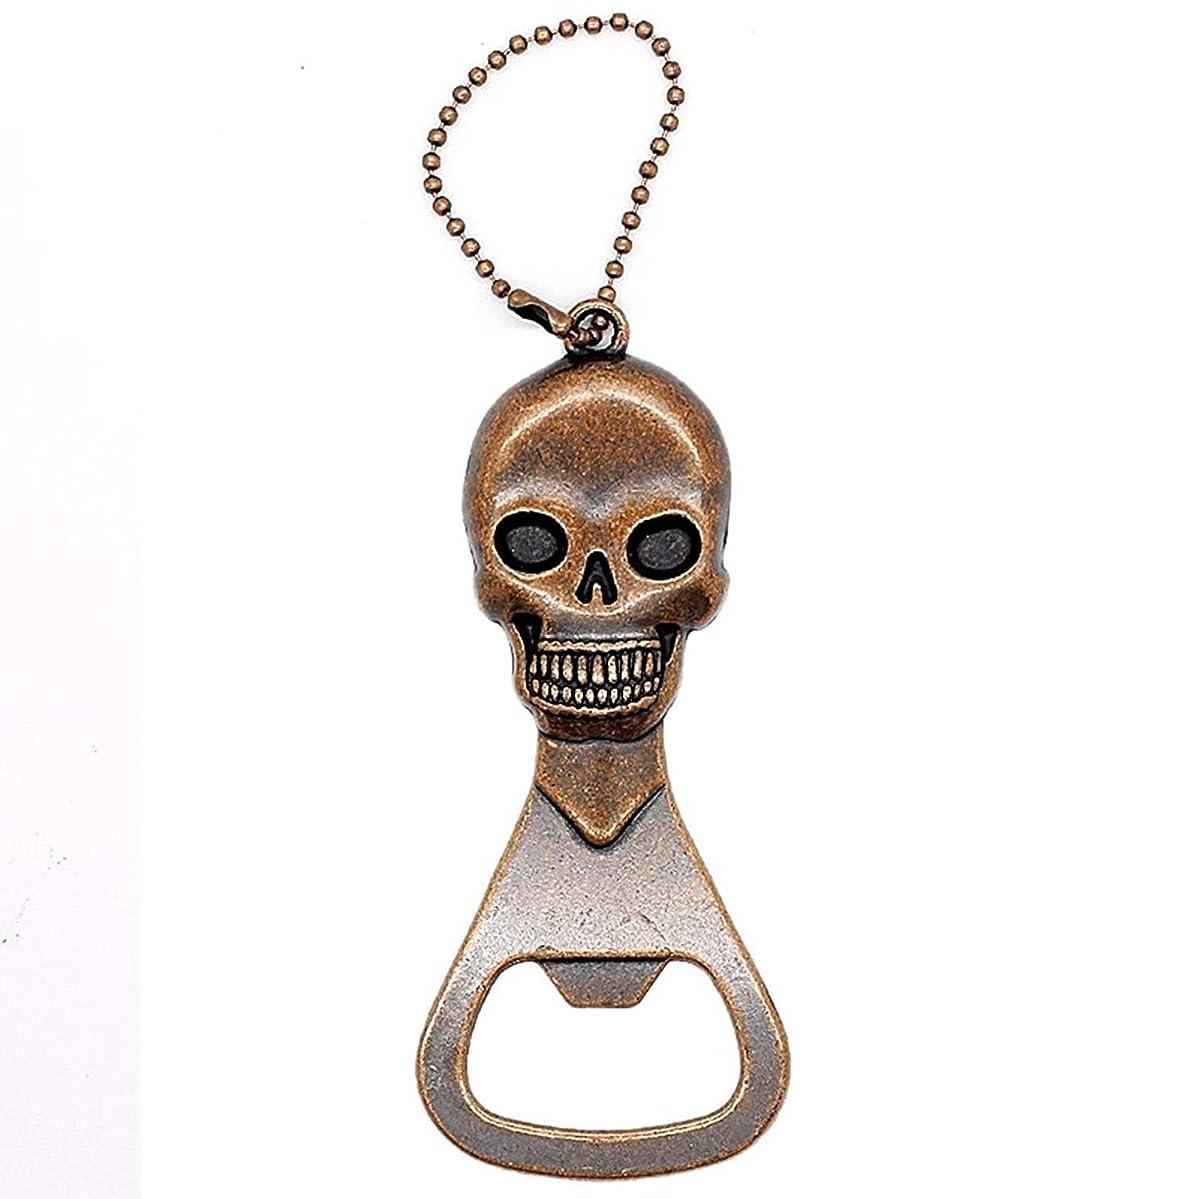 Winchar Retro Copper Skull Head Bottle Opener, Beer Bottle Opener Keychain Skeleton Opener for Kitchen Bar Restaurant, Halloween Christmas Gift (Vintage Brown)